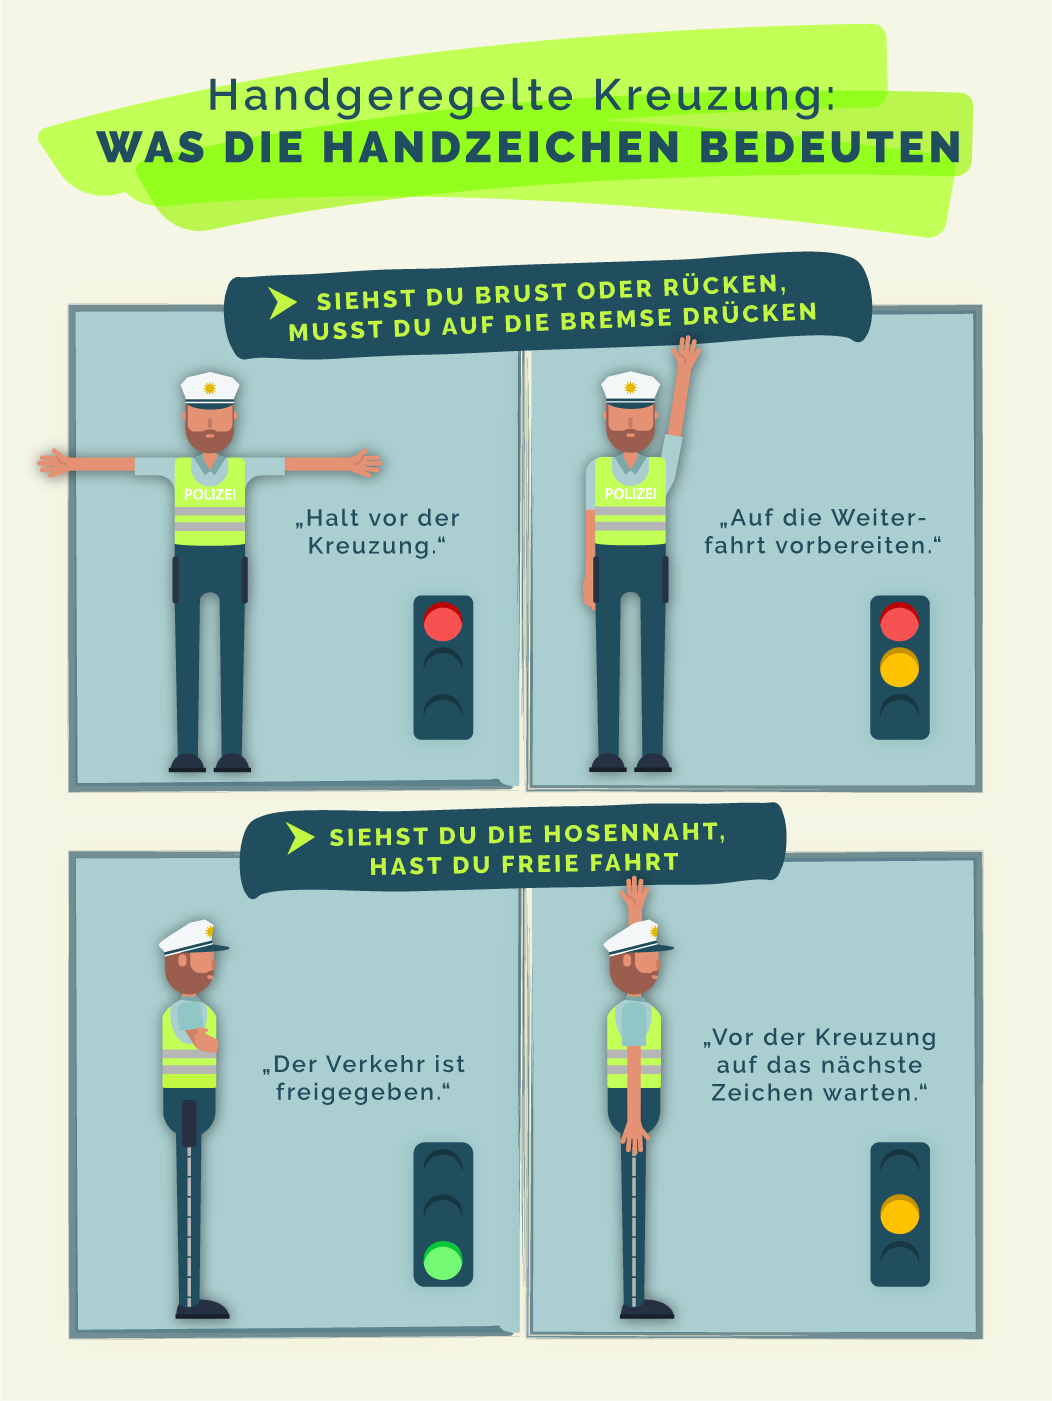 Die Handzeichen der Polizei zur Verkehrsregelung sehen Sie hier veranschaulicht. Für eine größere Ansicht klicken Sie bitte auf die Grafik.